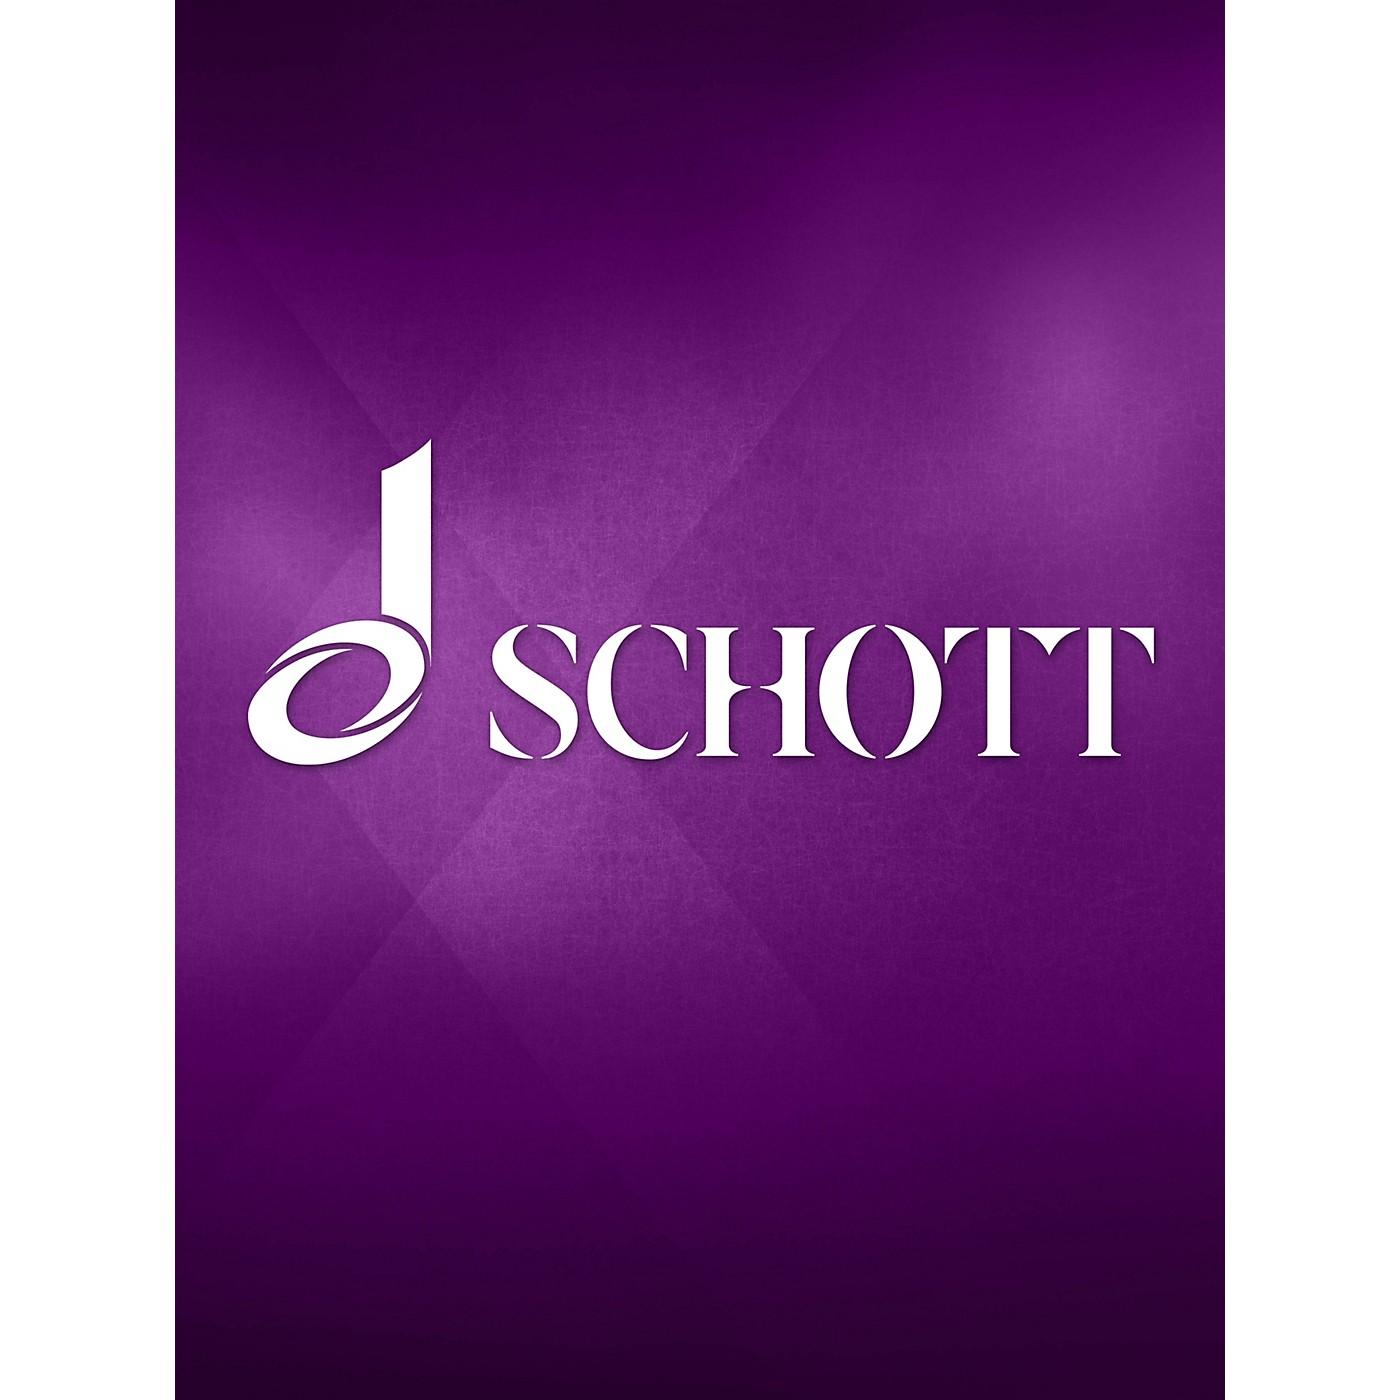 Schott Operas And Operettas Pf 4 Hands Schott Series thumbnail